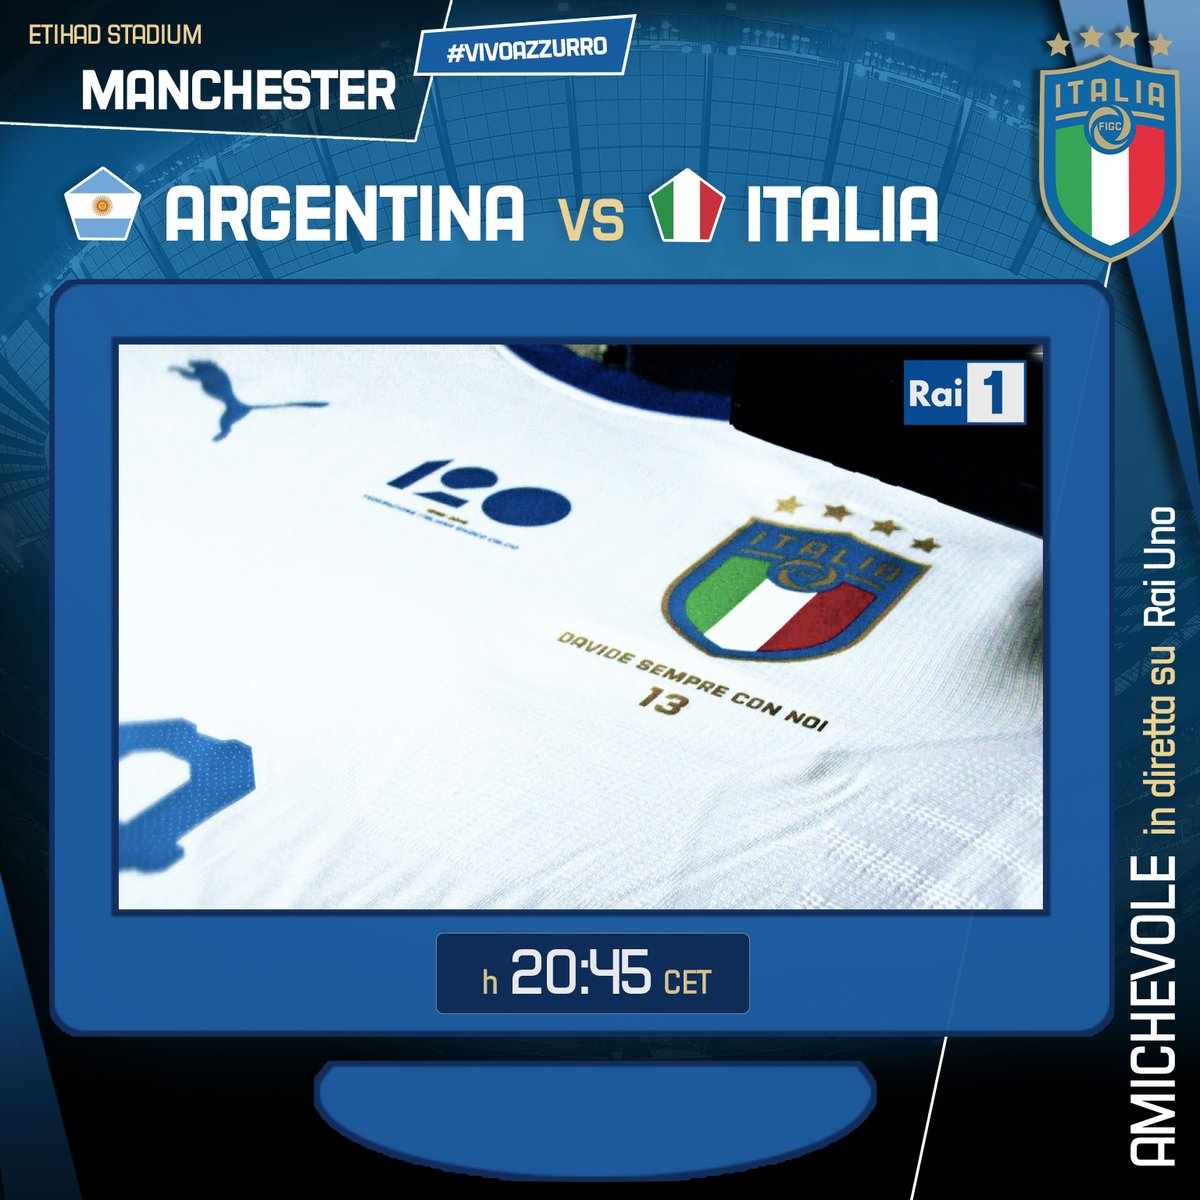 #Nazionale #Argentina  vs #ITALIA  20.45 CET  diretta tv #RaiUno #EtihadStadium, #Manchester https://bit.ly/2FZJxXg     https://bit.ly/2FZJxXg    #InternationalFriendly  - FestivalFocus